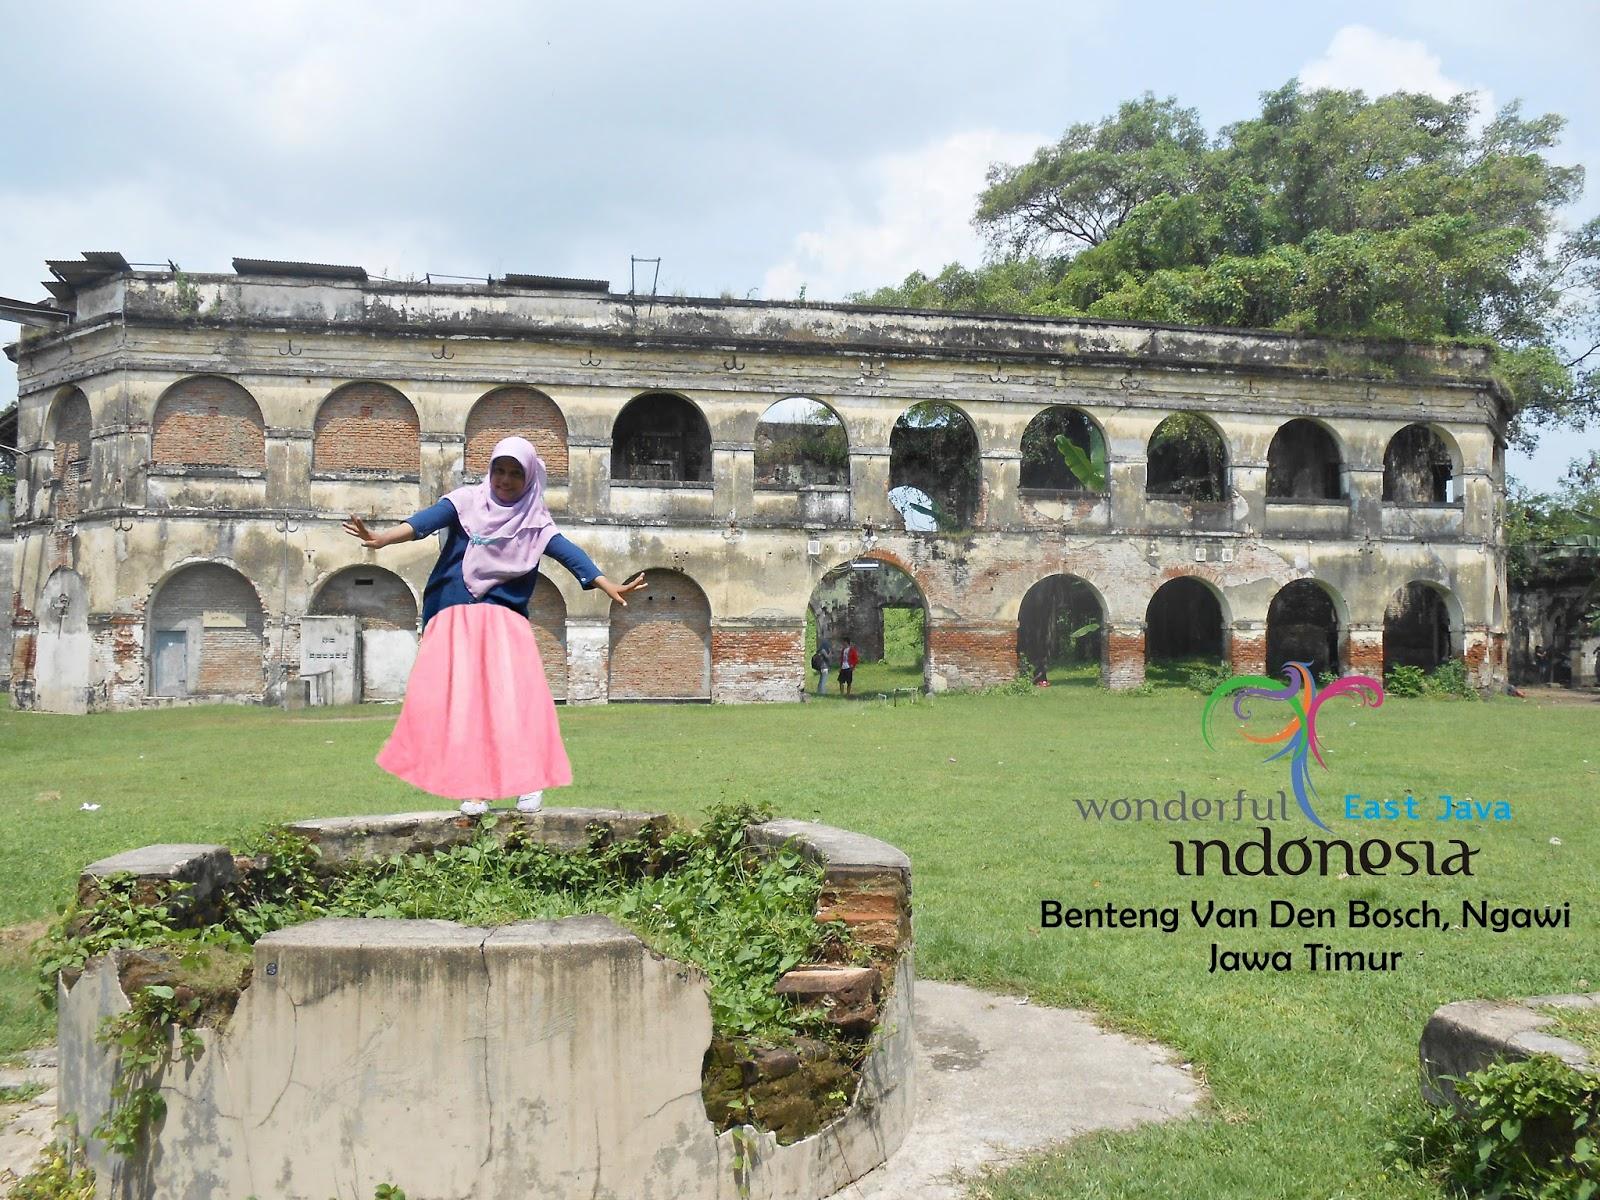 Bocah Blora Mustika Wisata Jawa Timur Benteng Van Den Bosch